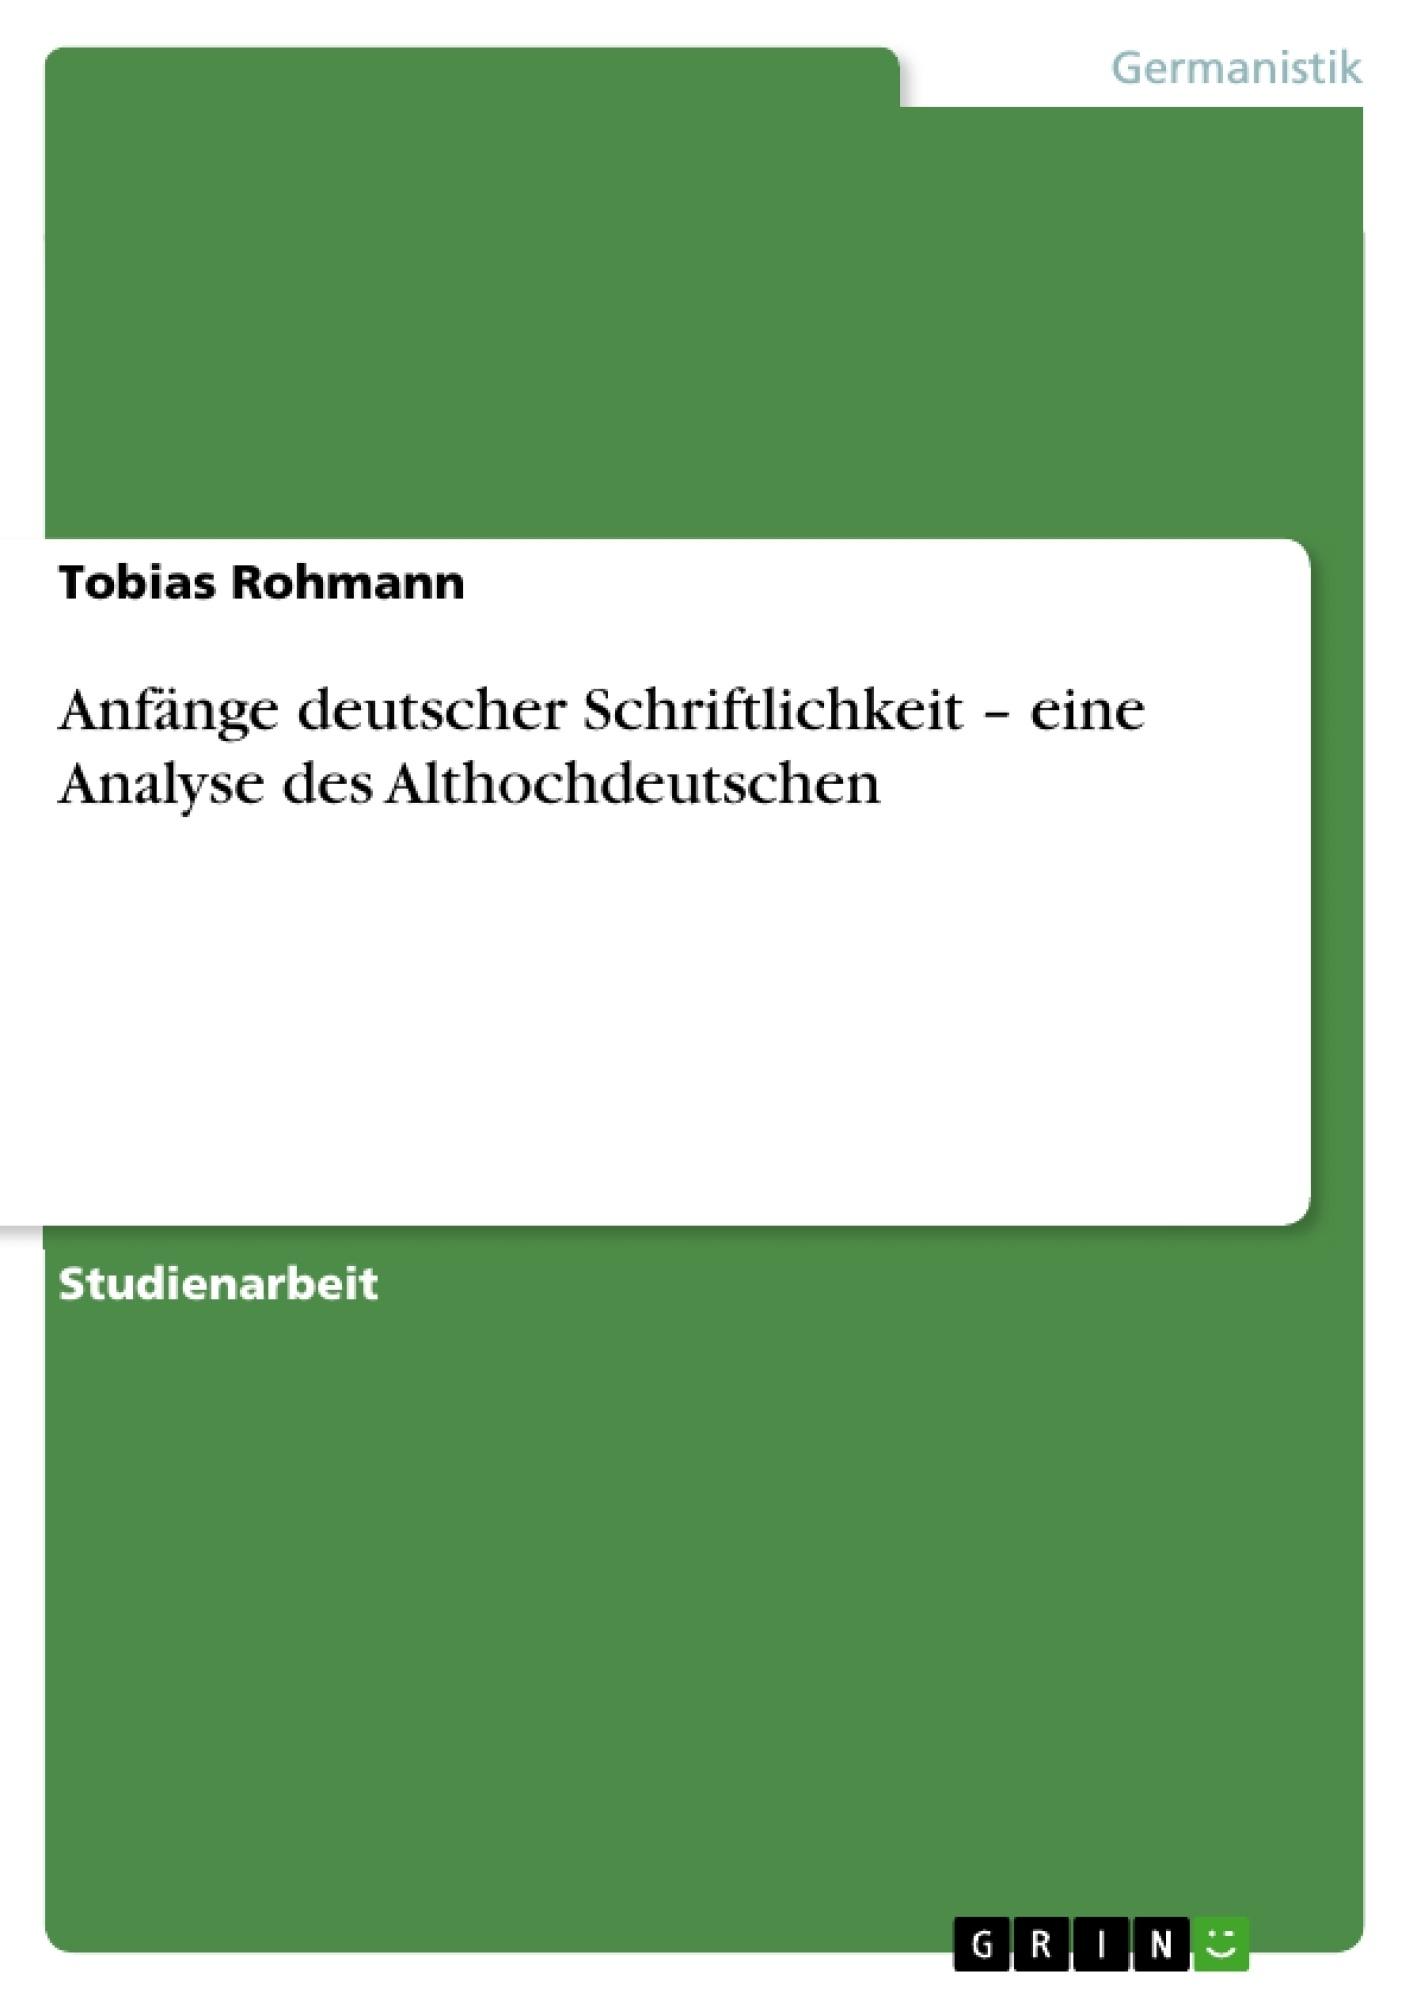 Titel: Anfänge deutscher Schriftlichkeit – eine Analyse des Althochdeutschen